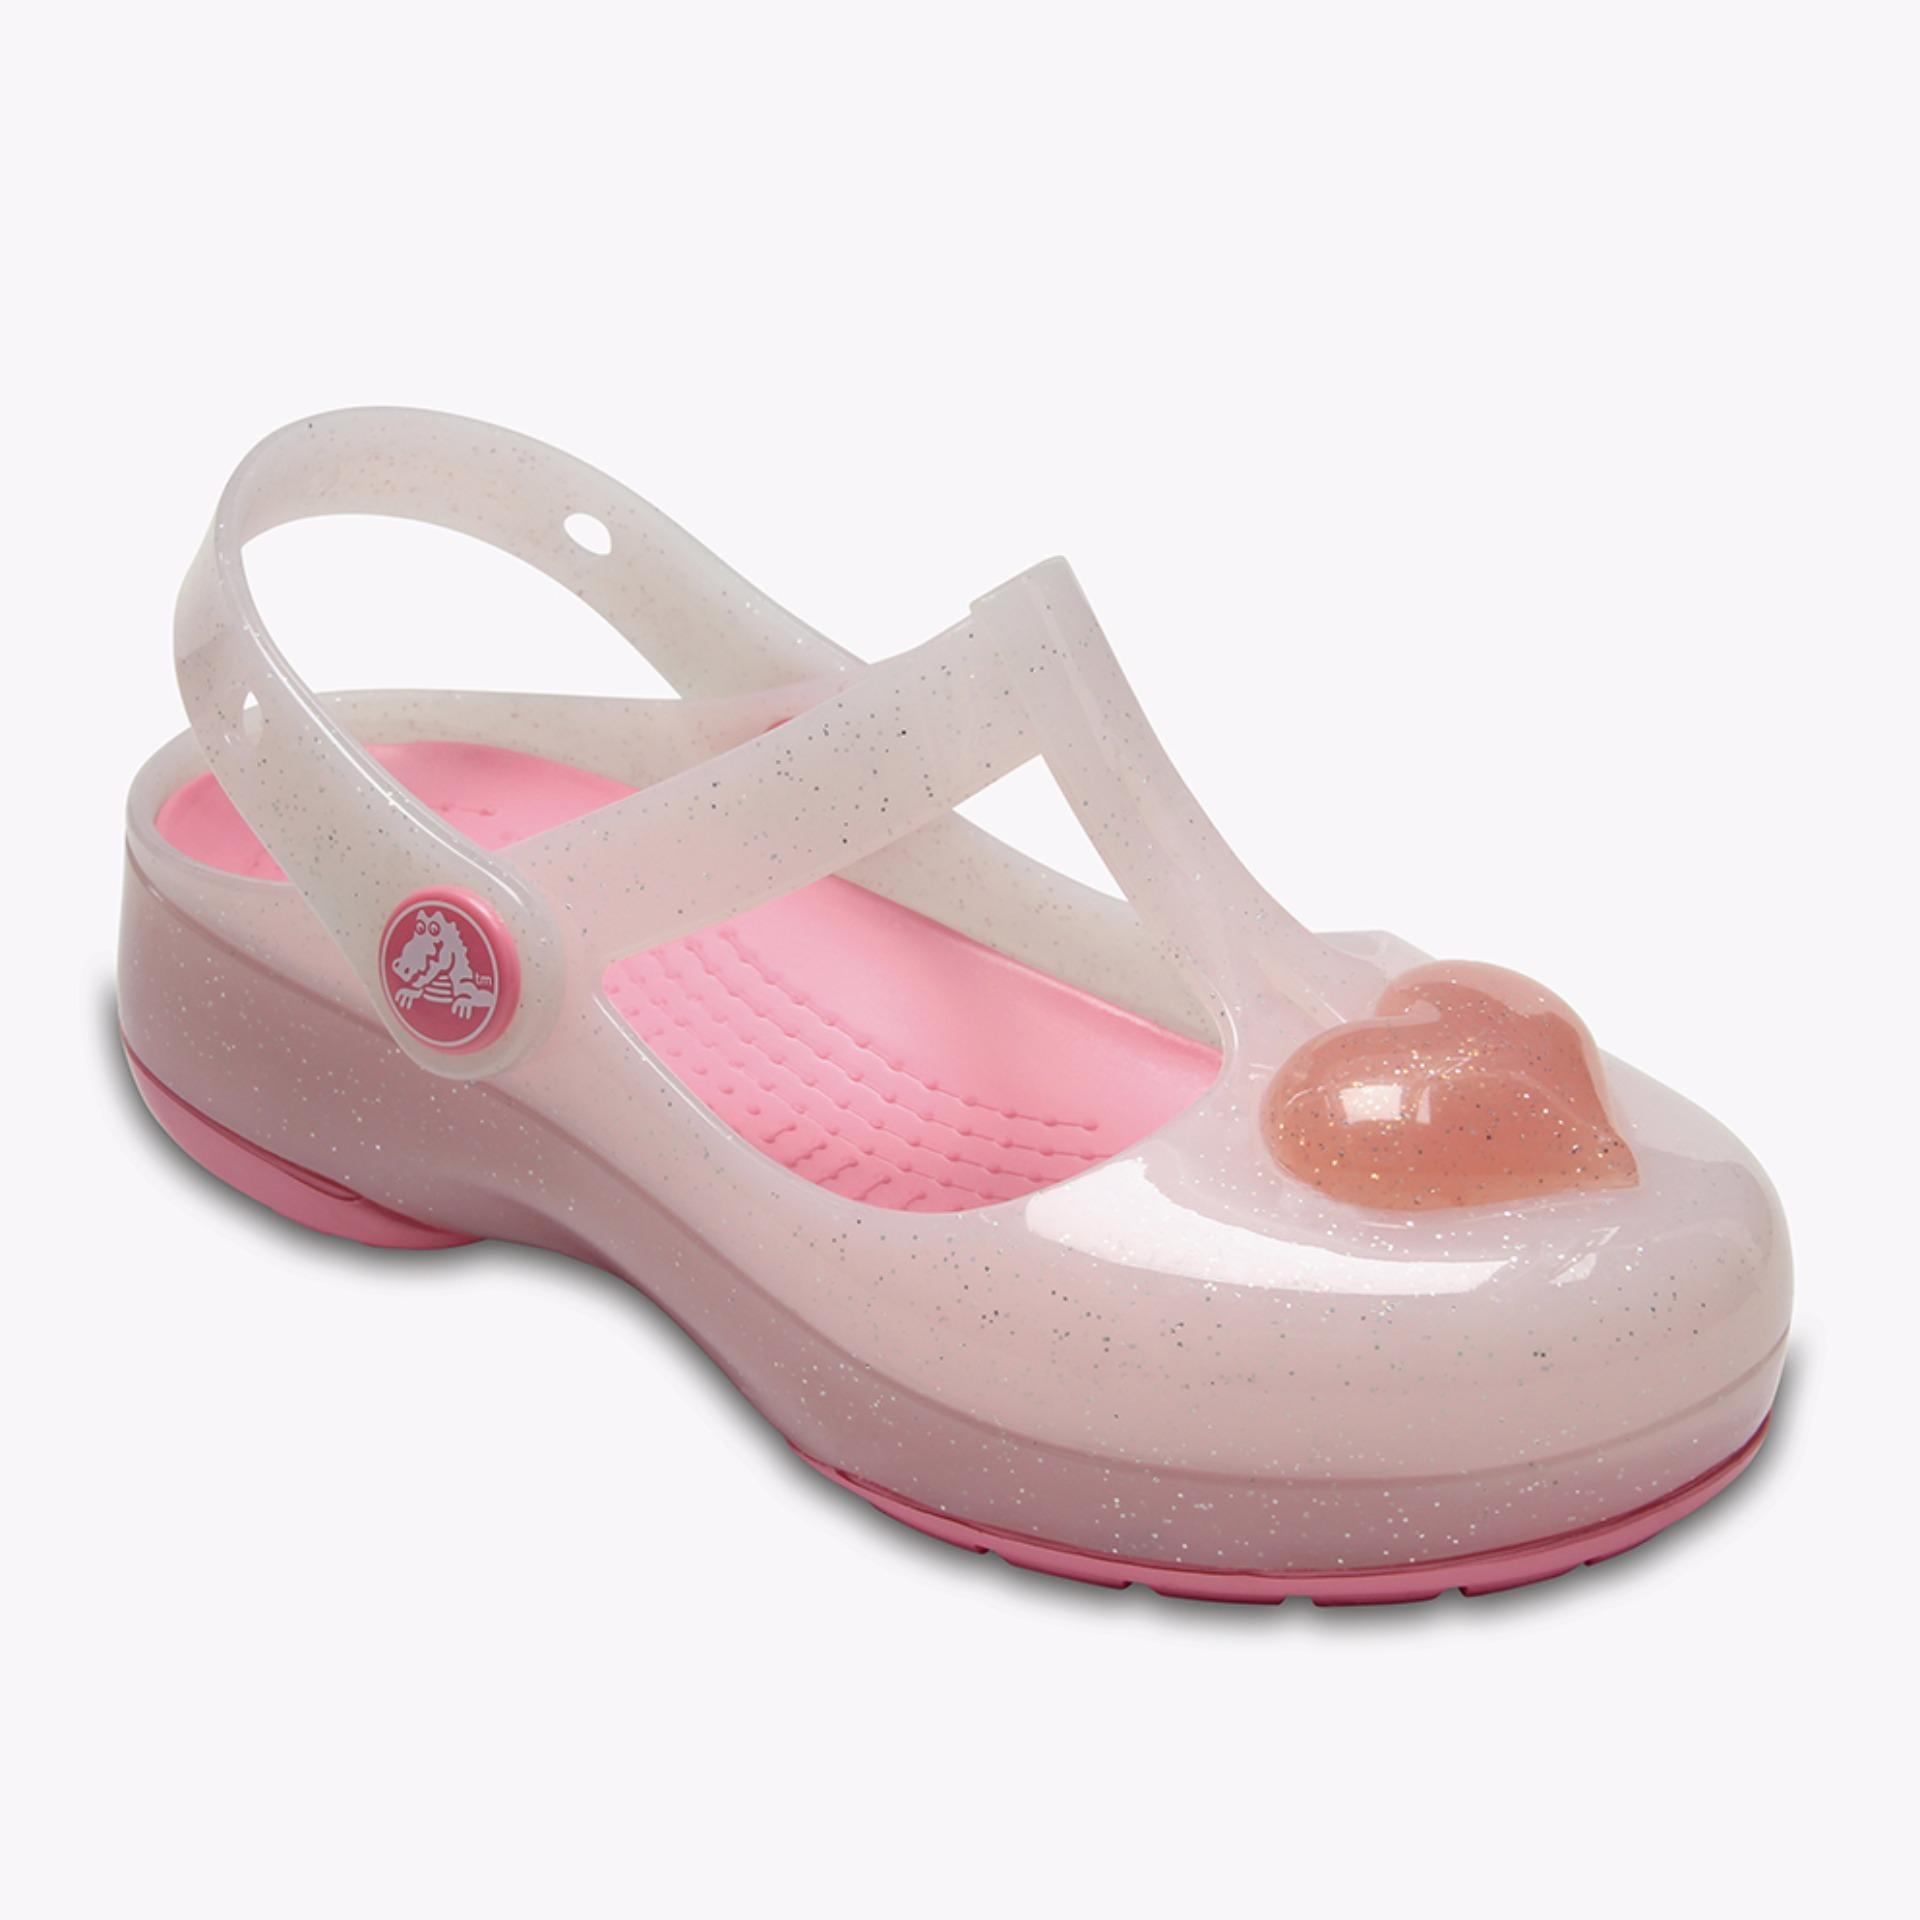 Harga Crocs Crocs Isabella Clogs Women S Sandals Pink Crocs Terbaik